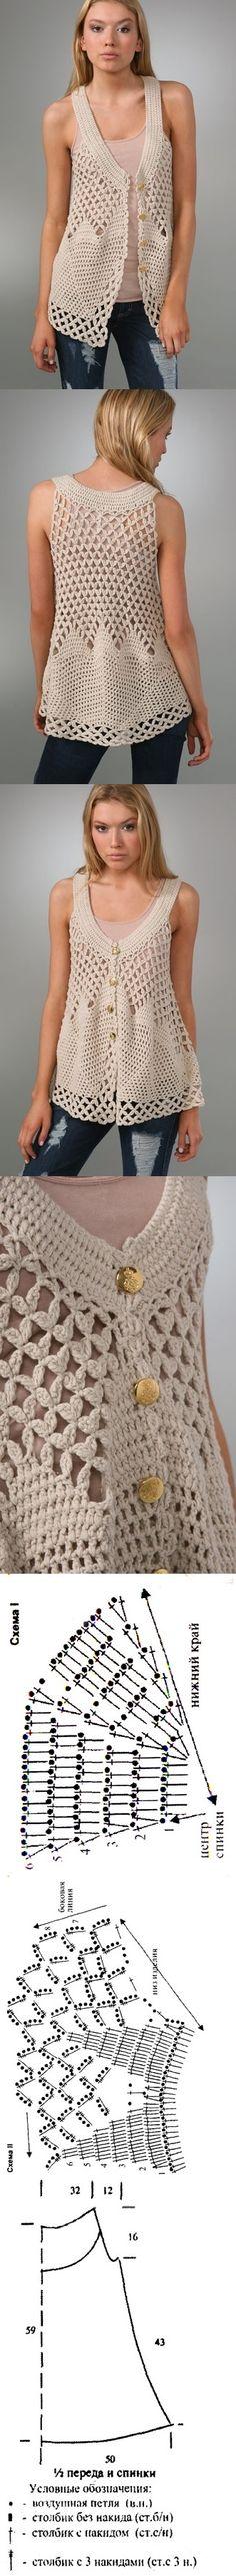 Crochet cotton vest – has graphs